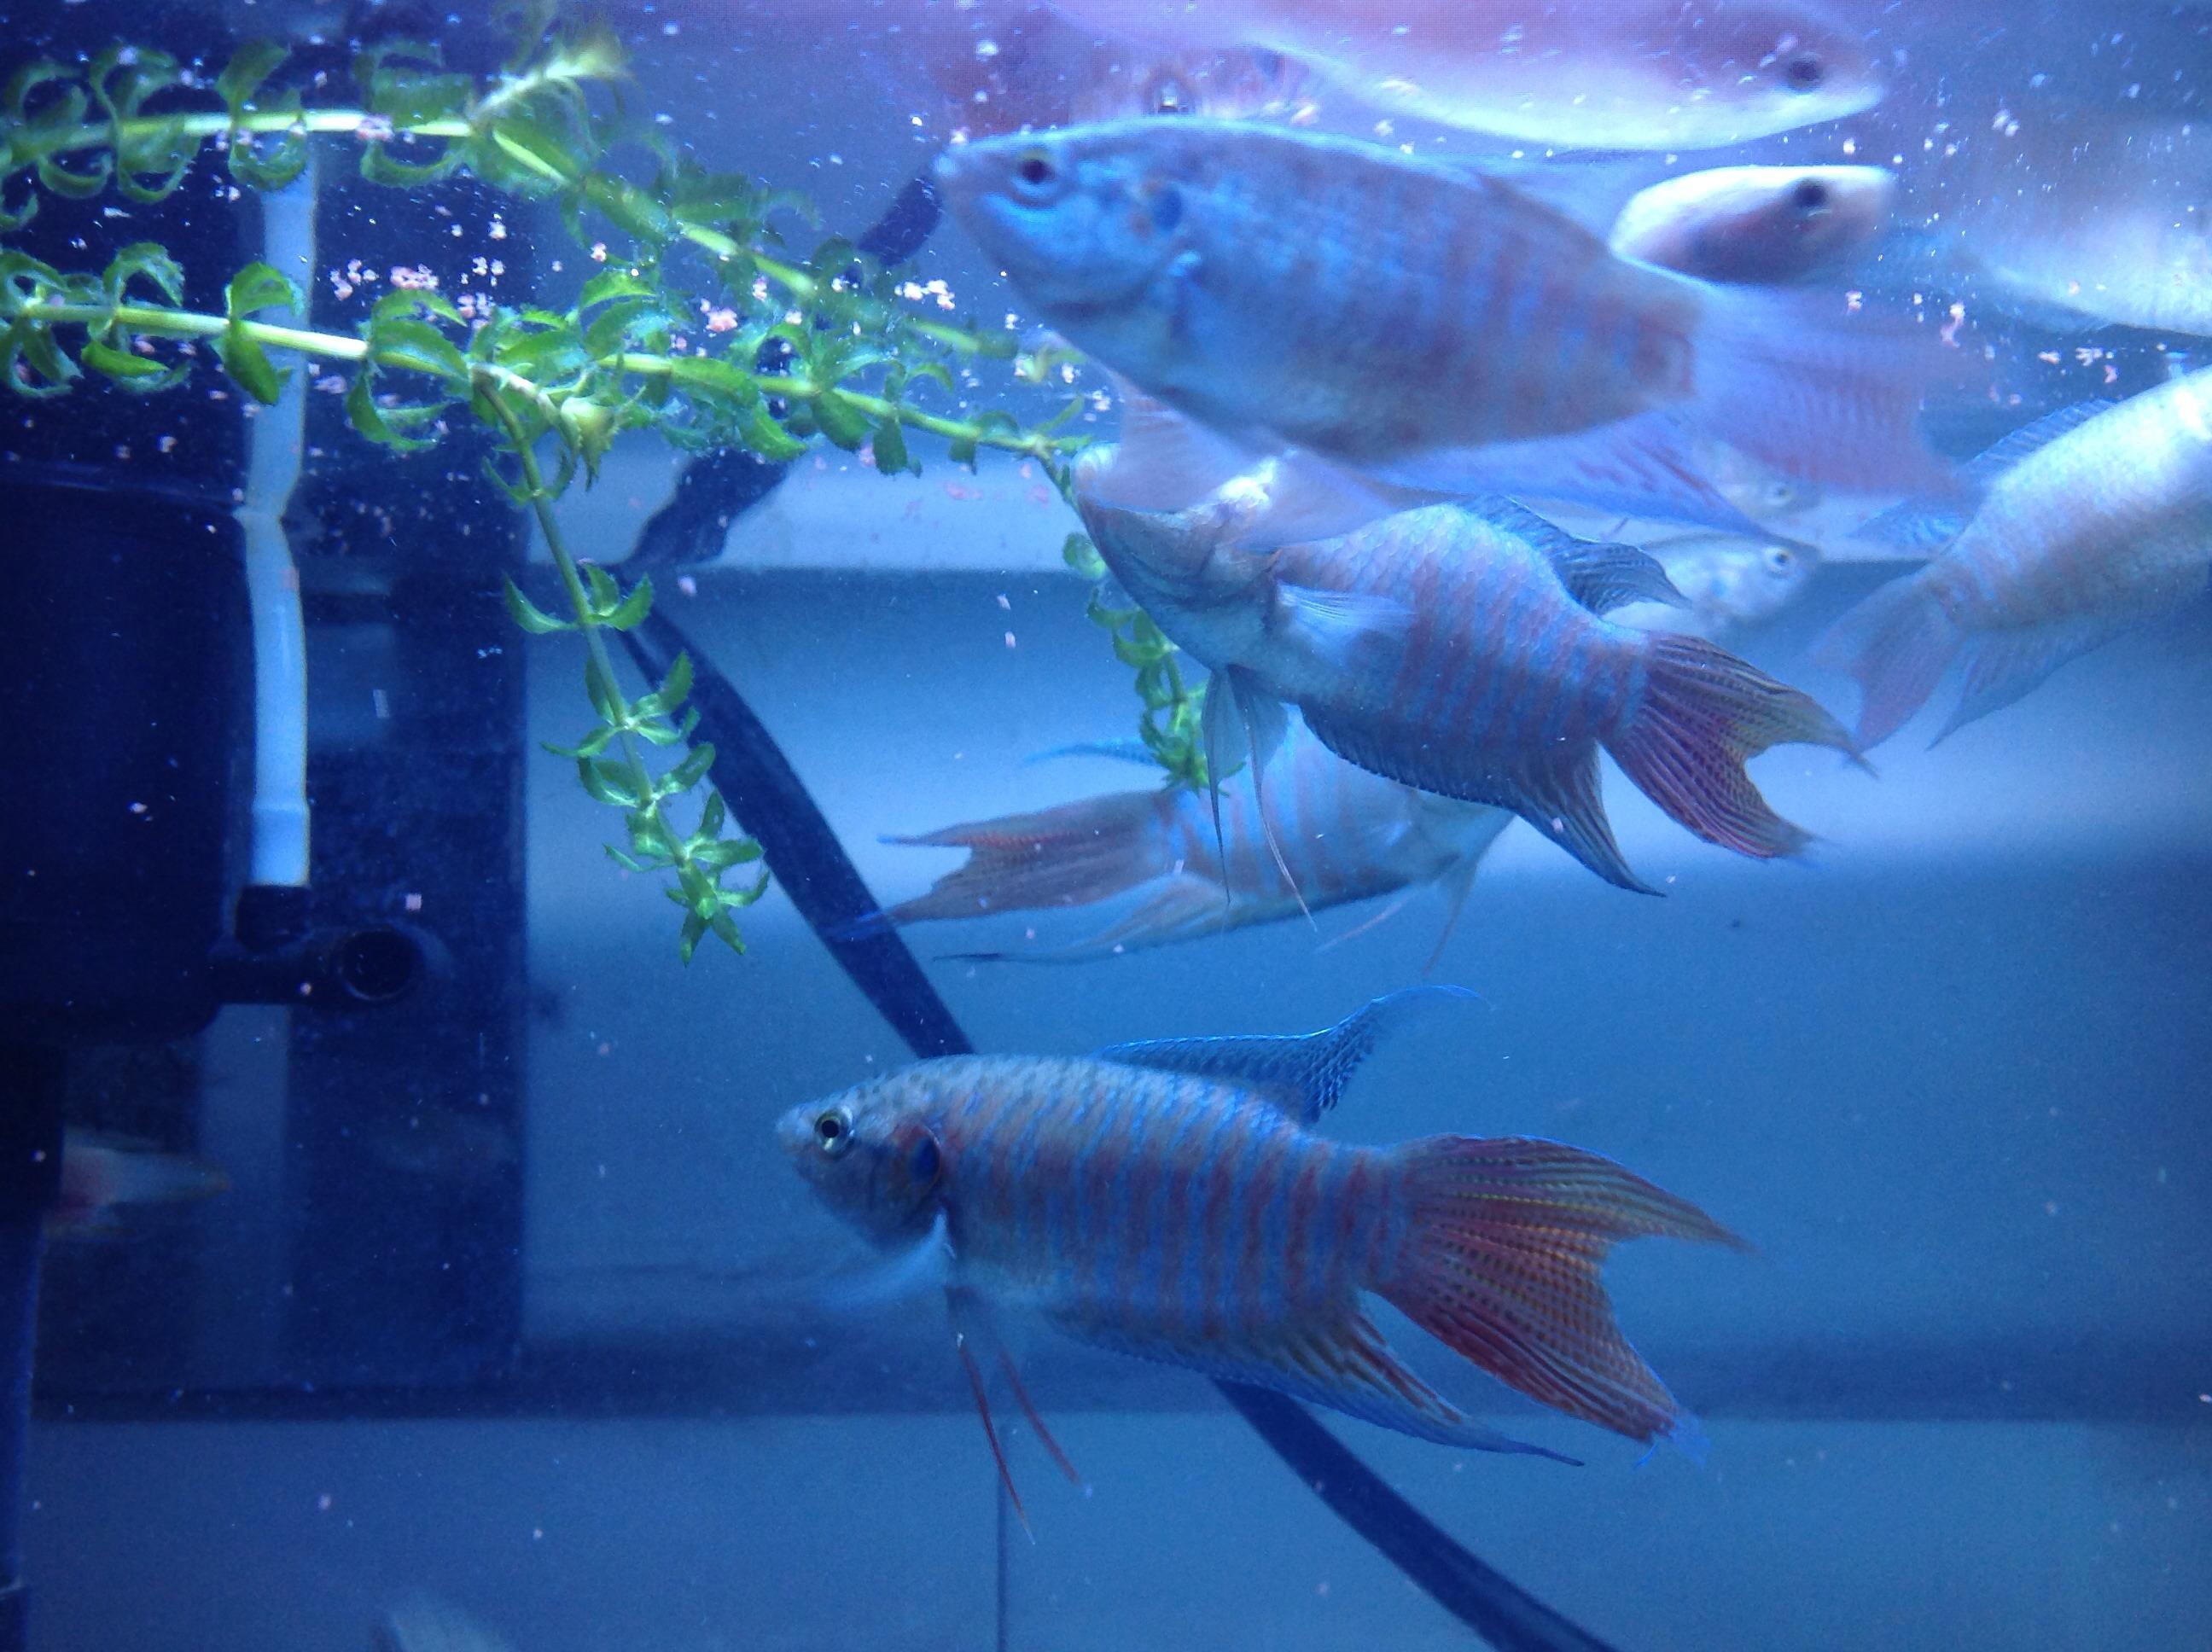 壁纸 动物 海底 海底世界 海洋馆 水族馆 鱼 鱼类 2592_1936